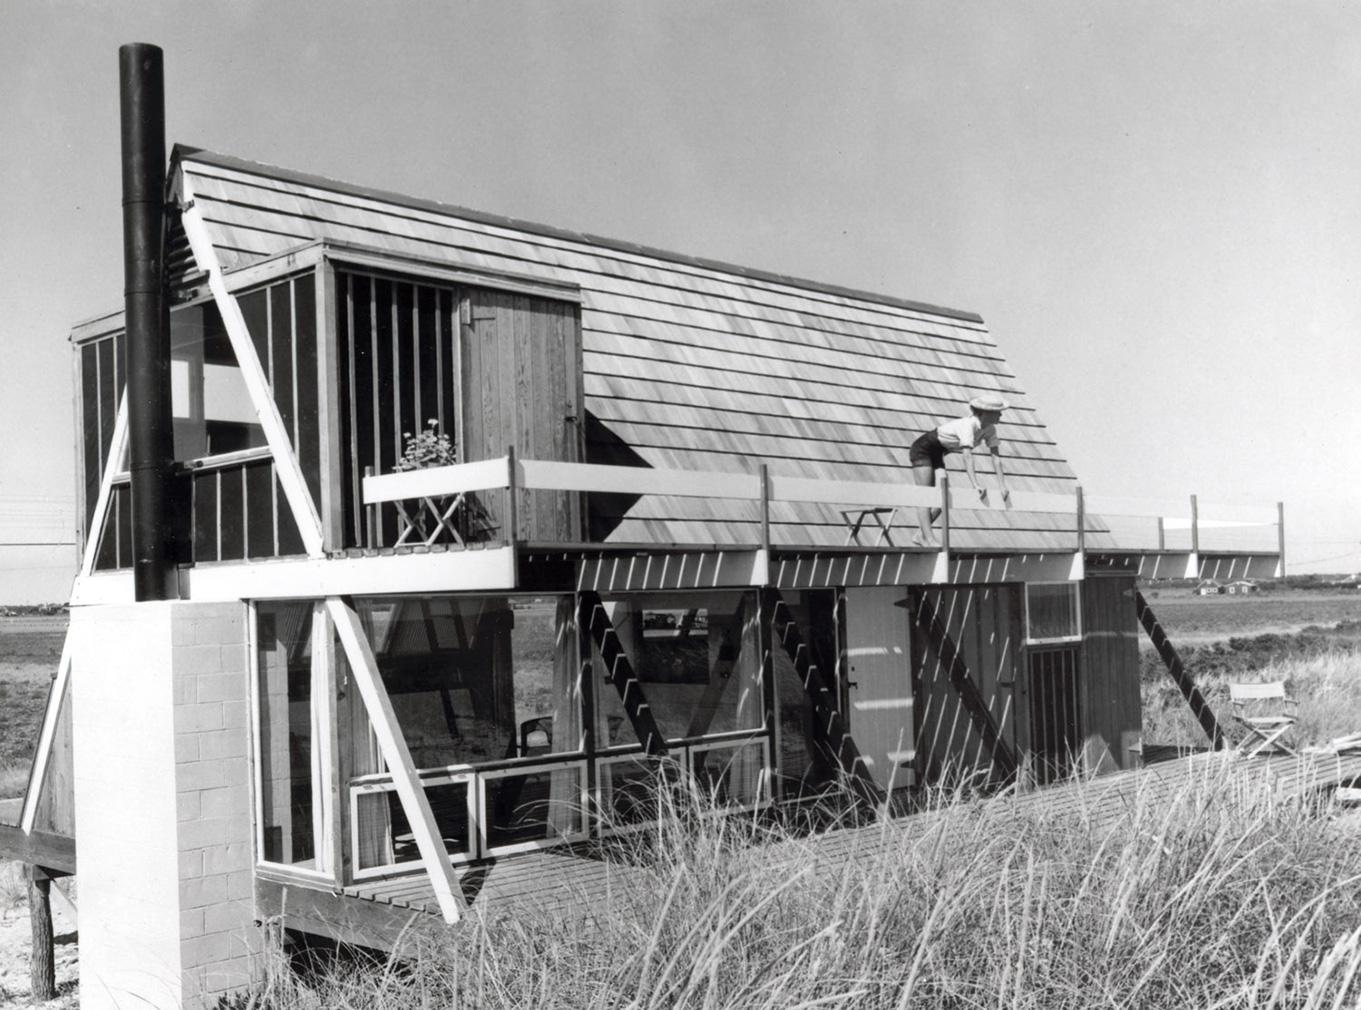 Midcentury cabins: Elizabeth Reese House by Andrew Geller